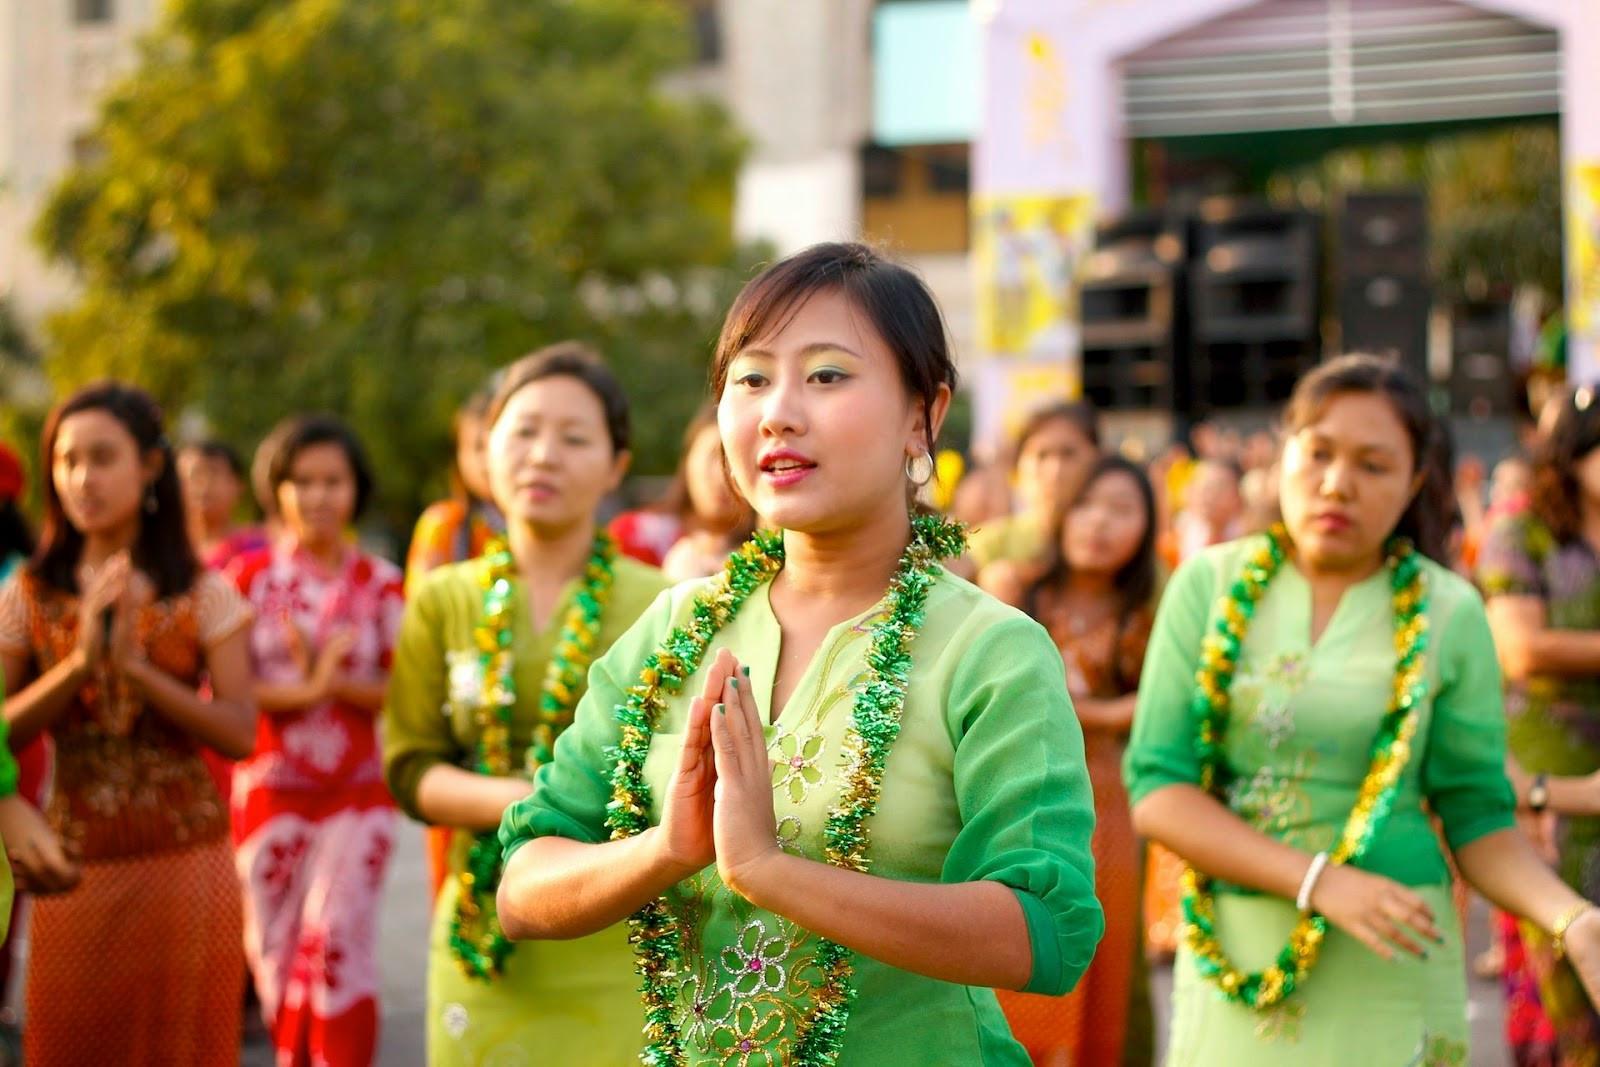 ВМьянме произошла массовая гибель людей вовремя водного фестиваля